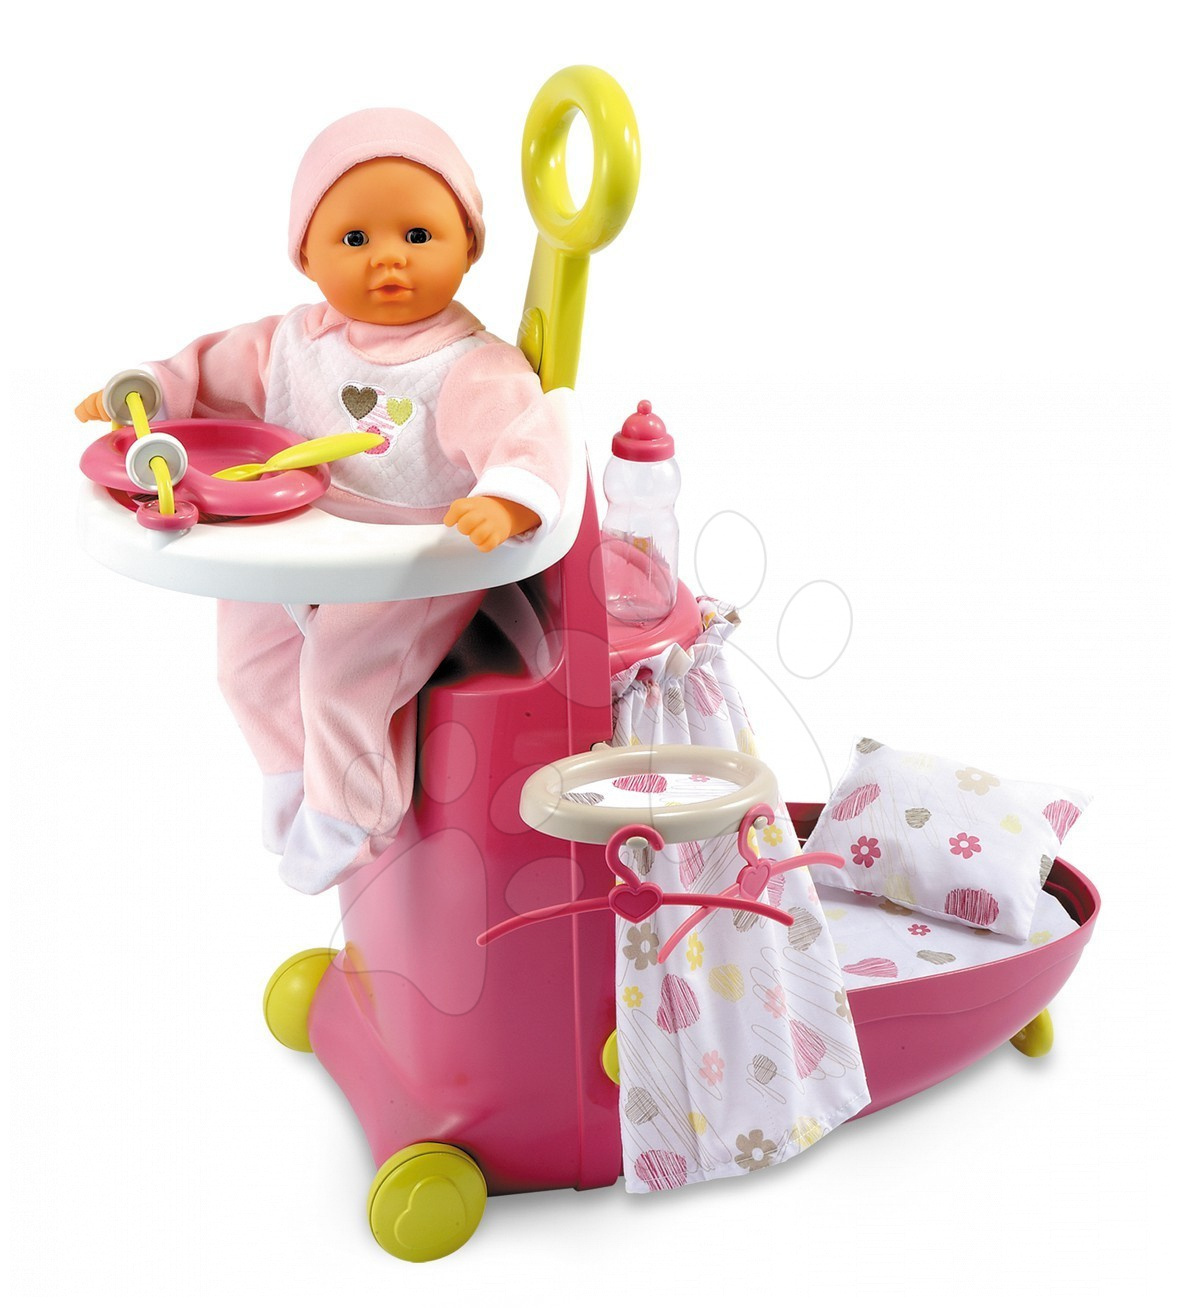 Smoby 024536 Baby Nurse vozík opatrovanie, , 24*61*47 cm od 18 mes